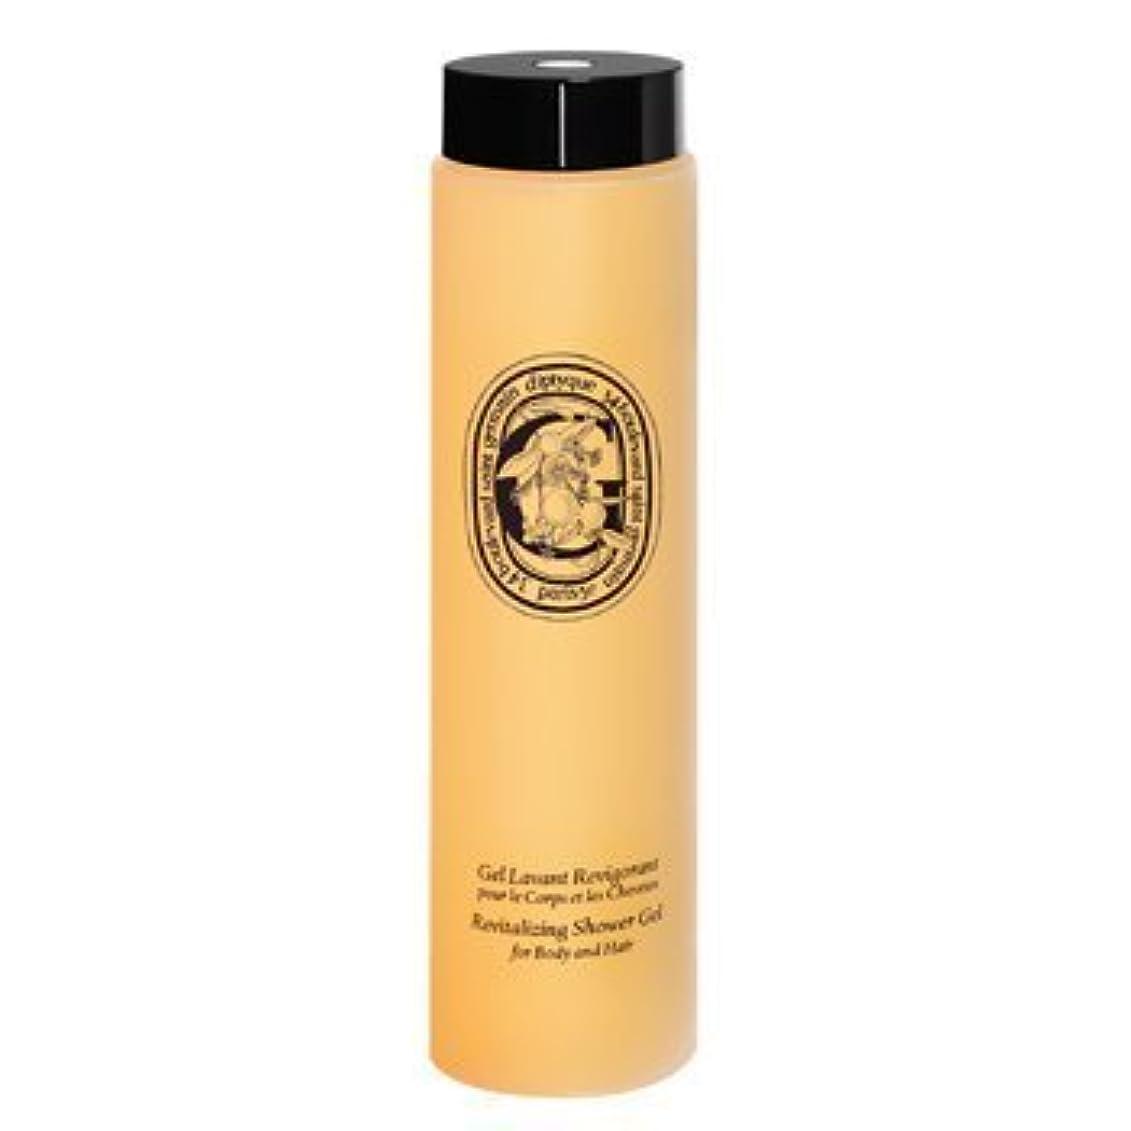 落ち着いた魅惑するアフリカDiptyque The Art of Body Care Revitalizing Shower Gel Hair & Body-6.8 oz by Diptyque [並行輸入品]